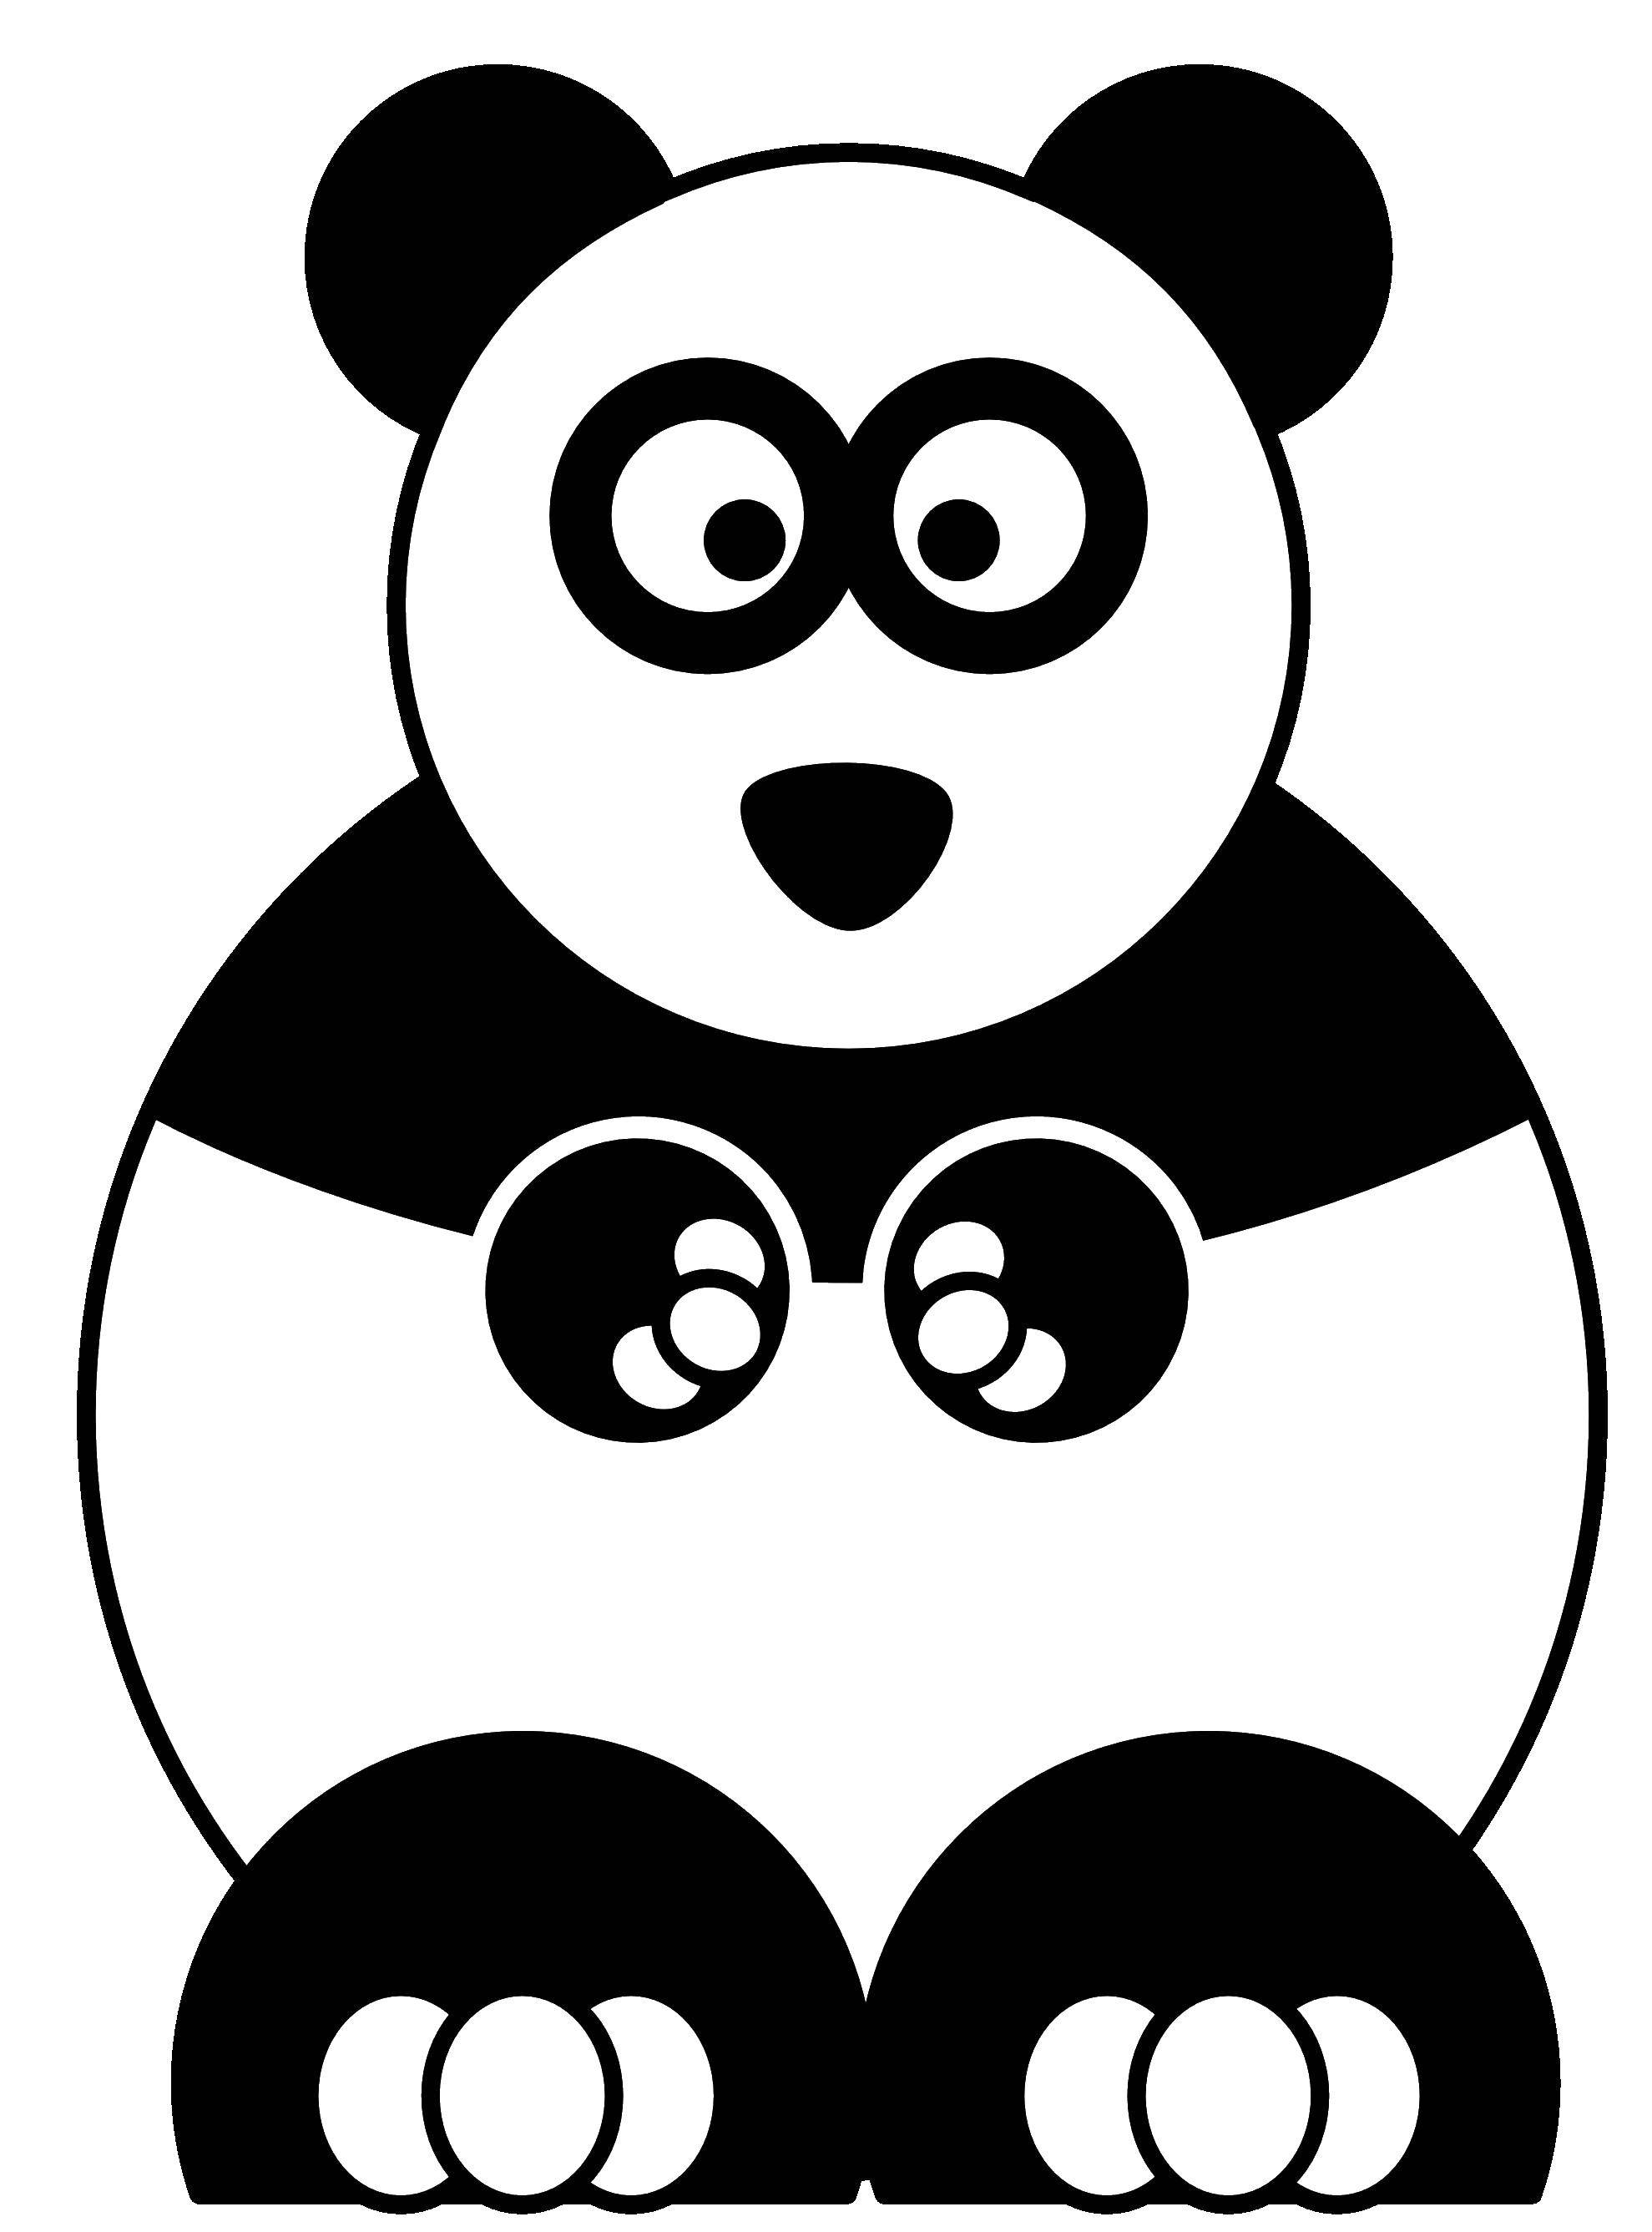 Раскраска Панда Скачать кирби, панда.  Распечатать ,Кирби,